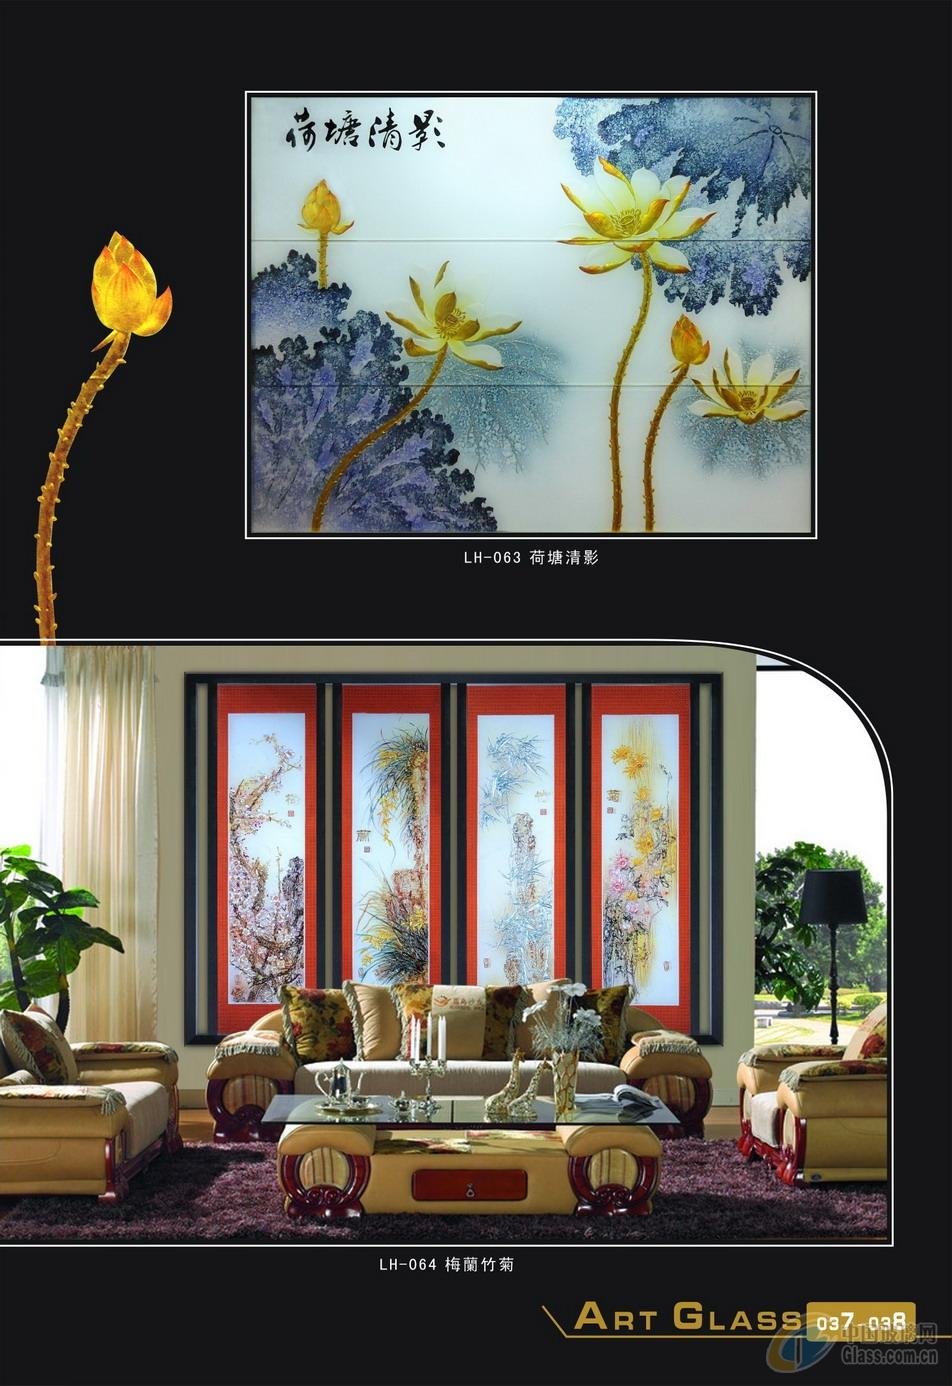 室内装饰,雕花玻璃,浮雕玻璃